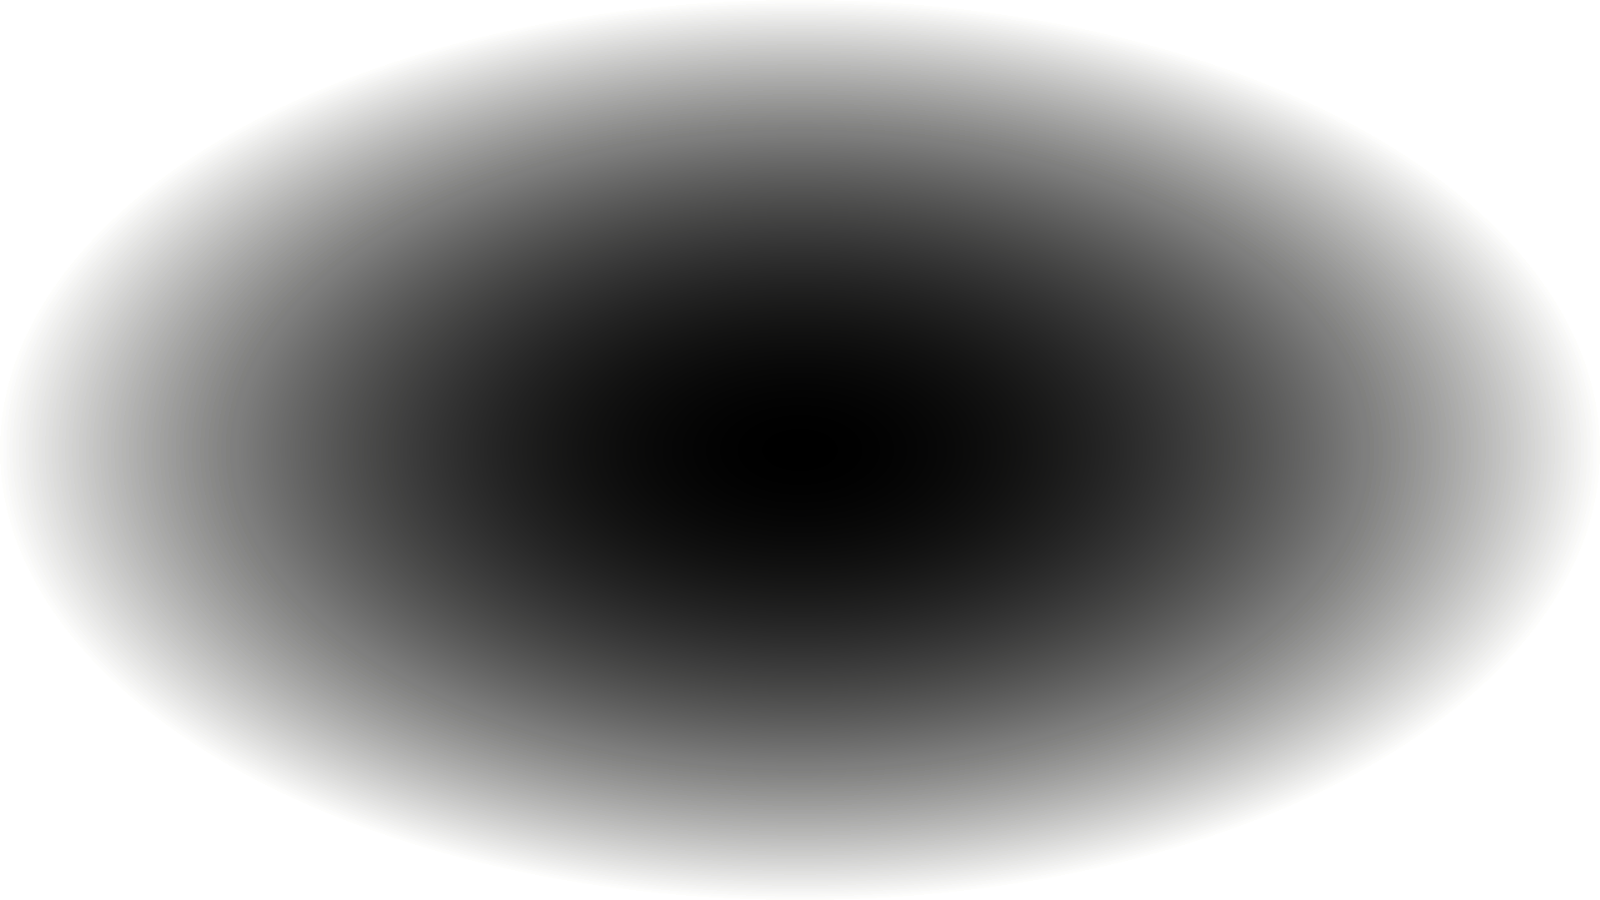 Как реализован рендеринг «Ведьмака 3»: молнии, ведьмачье чутьё и другие эффекты - 49